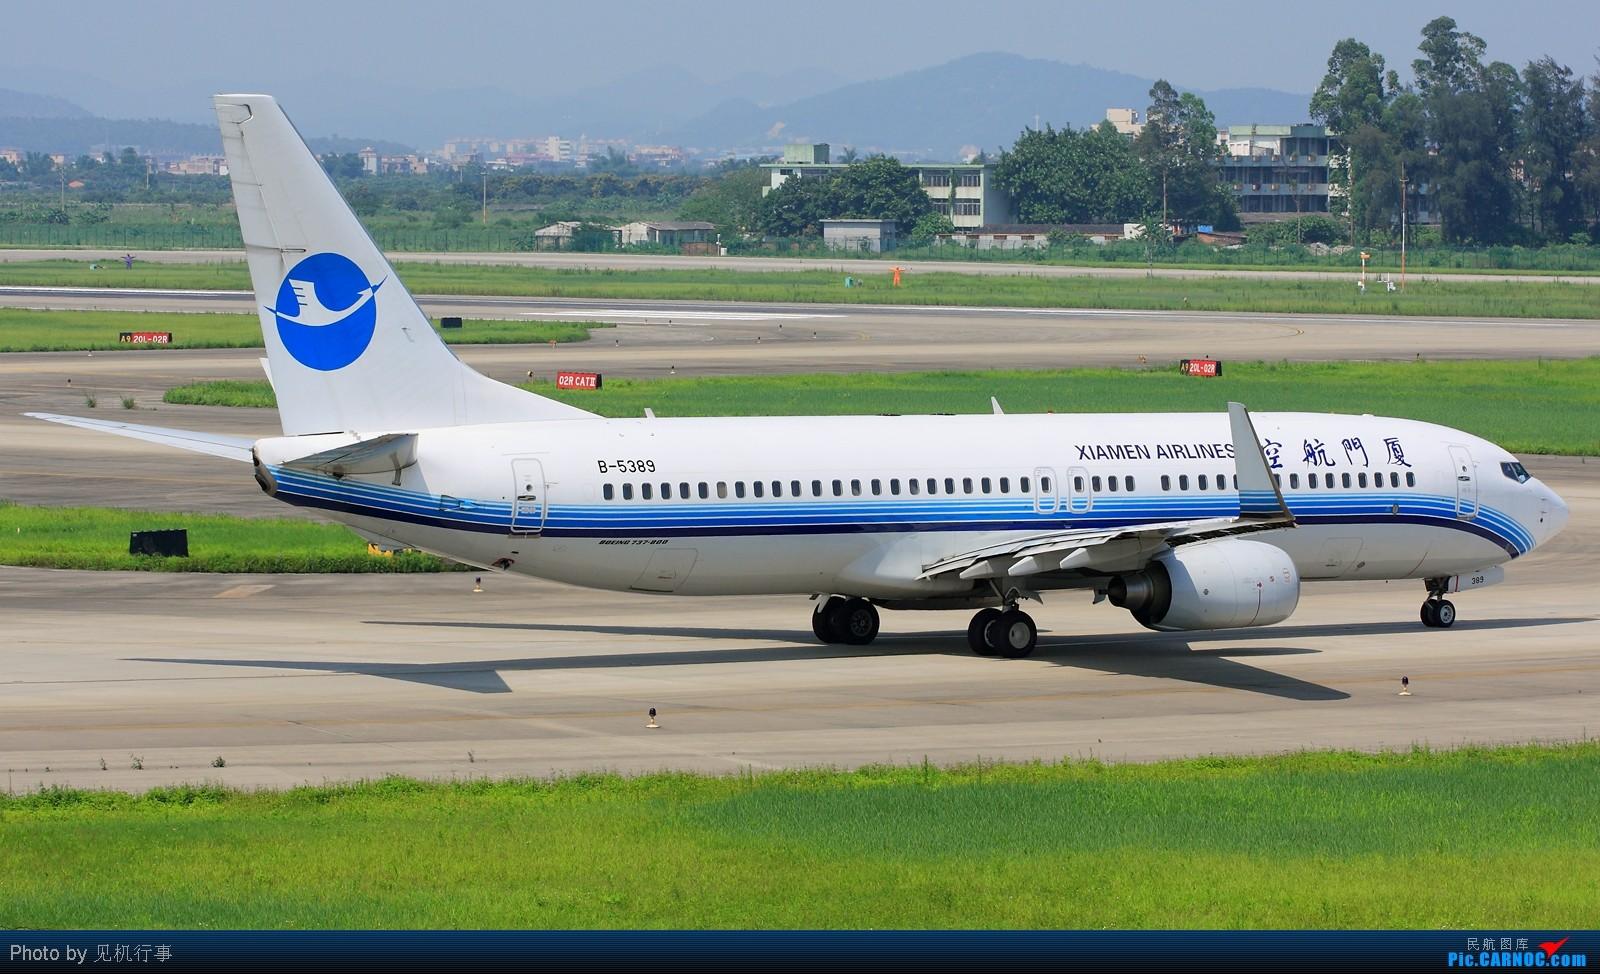 Re:[原创]【深圳飞友会】差点给这架飞机忽悠了!还以为是香港航空A330。看它前面是香港航空,看它后面是海南航空。不知道海航在搞什么名堂。 BOEING 737-800 B-5389 中国广州白云机场